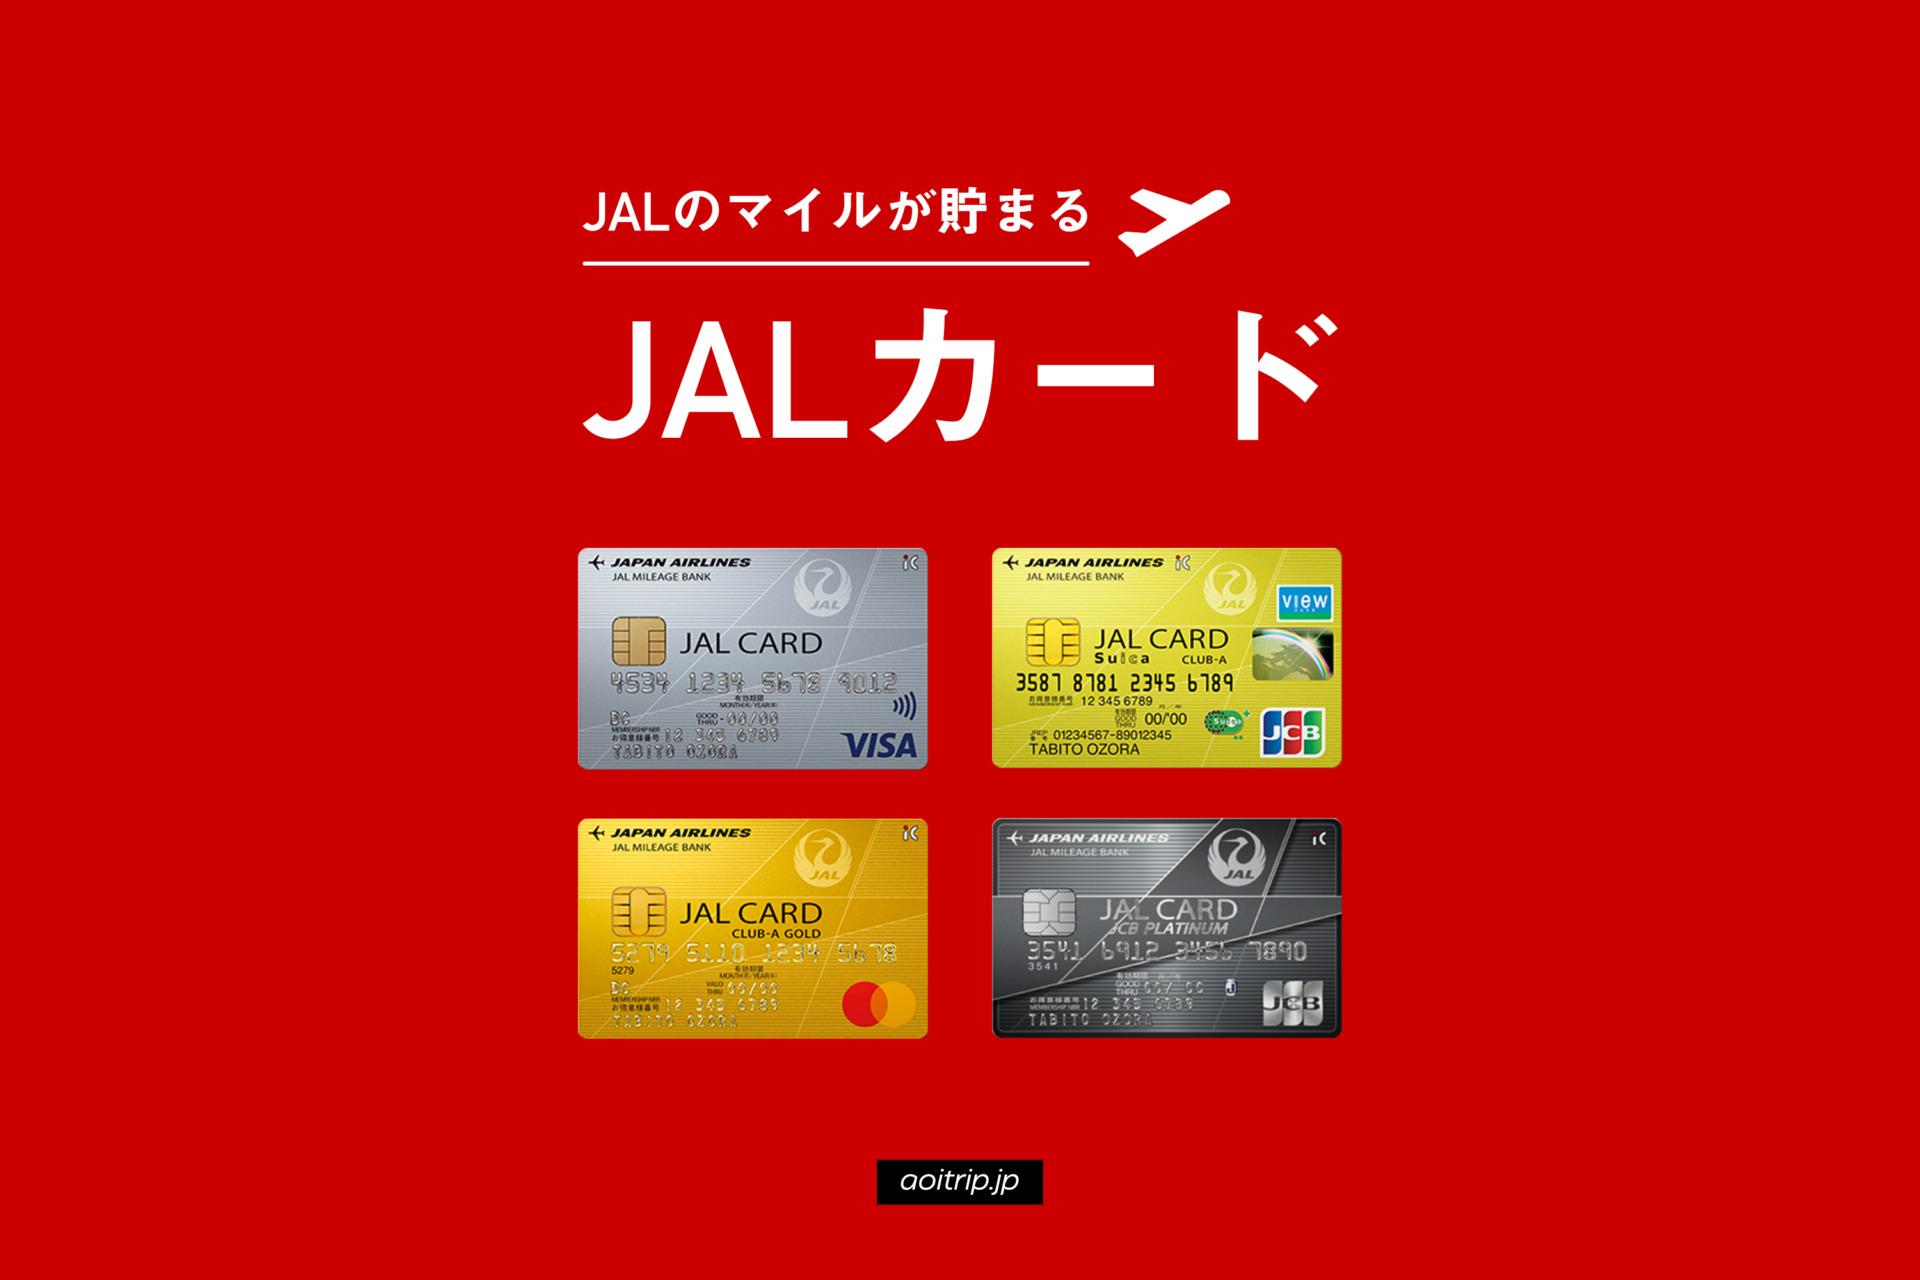 JALマイルが貯まるクレジットカード「JALカード」の年会費比較とおすすめの券種の選び方